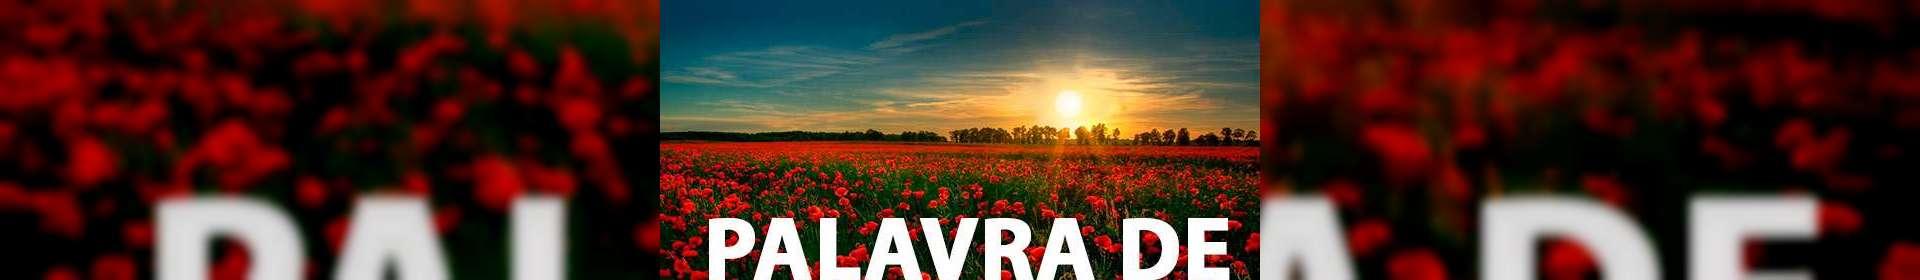 Zacarias 4:4-6 - Uma Palavra de Esperança para sua vida